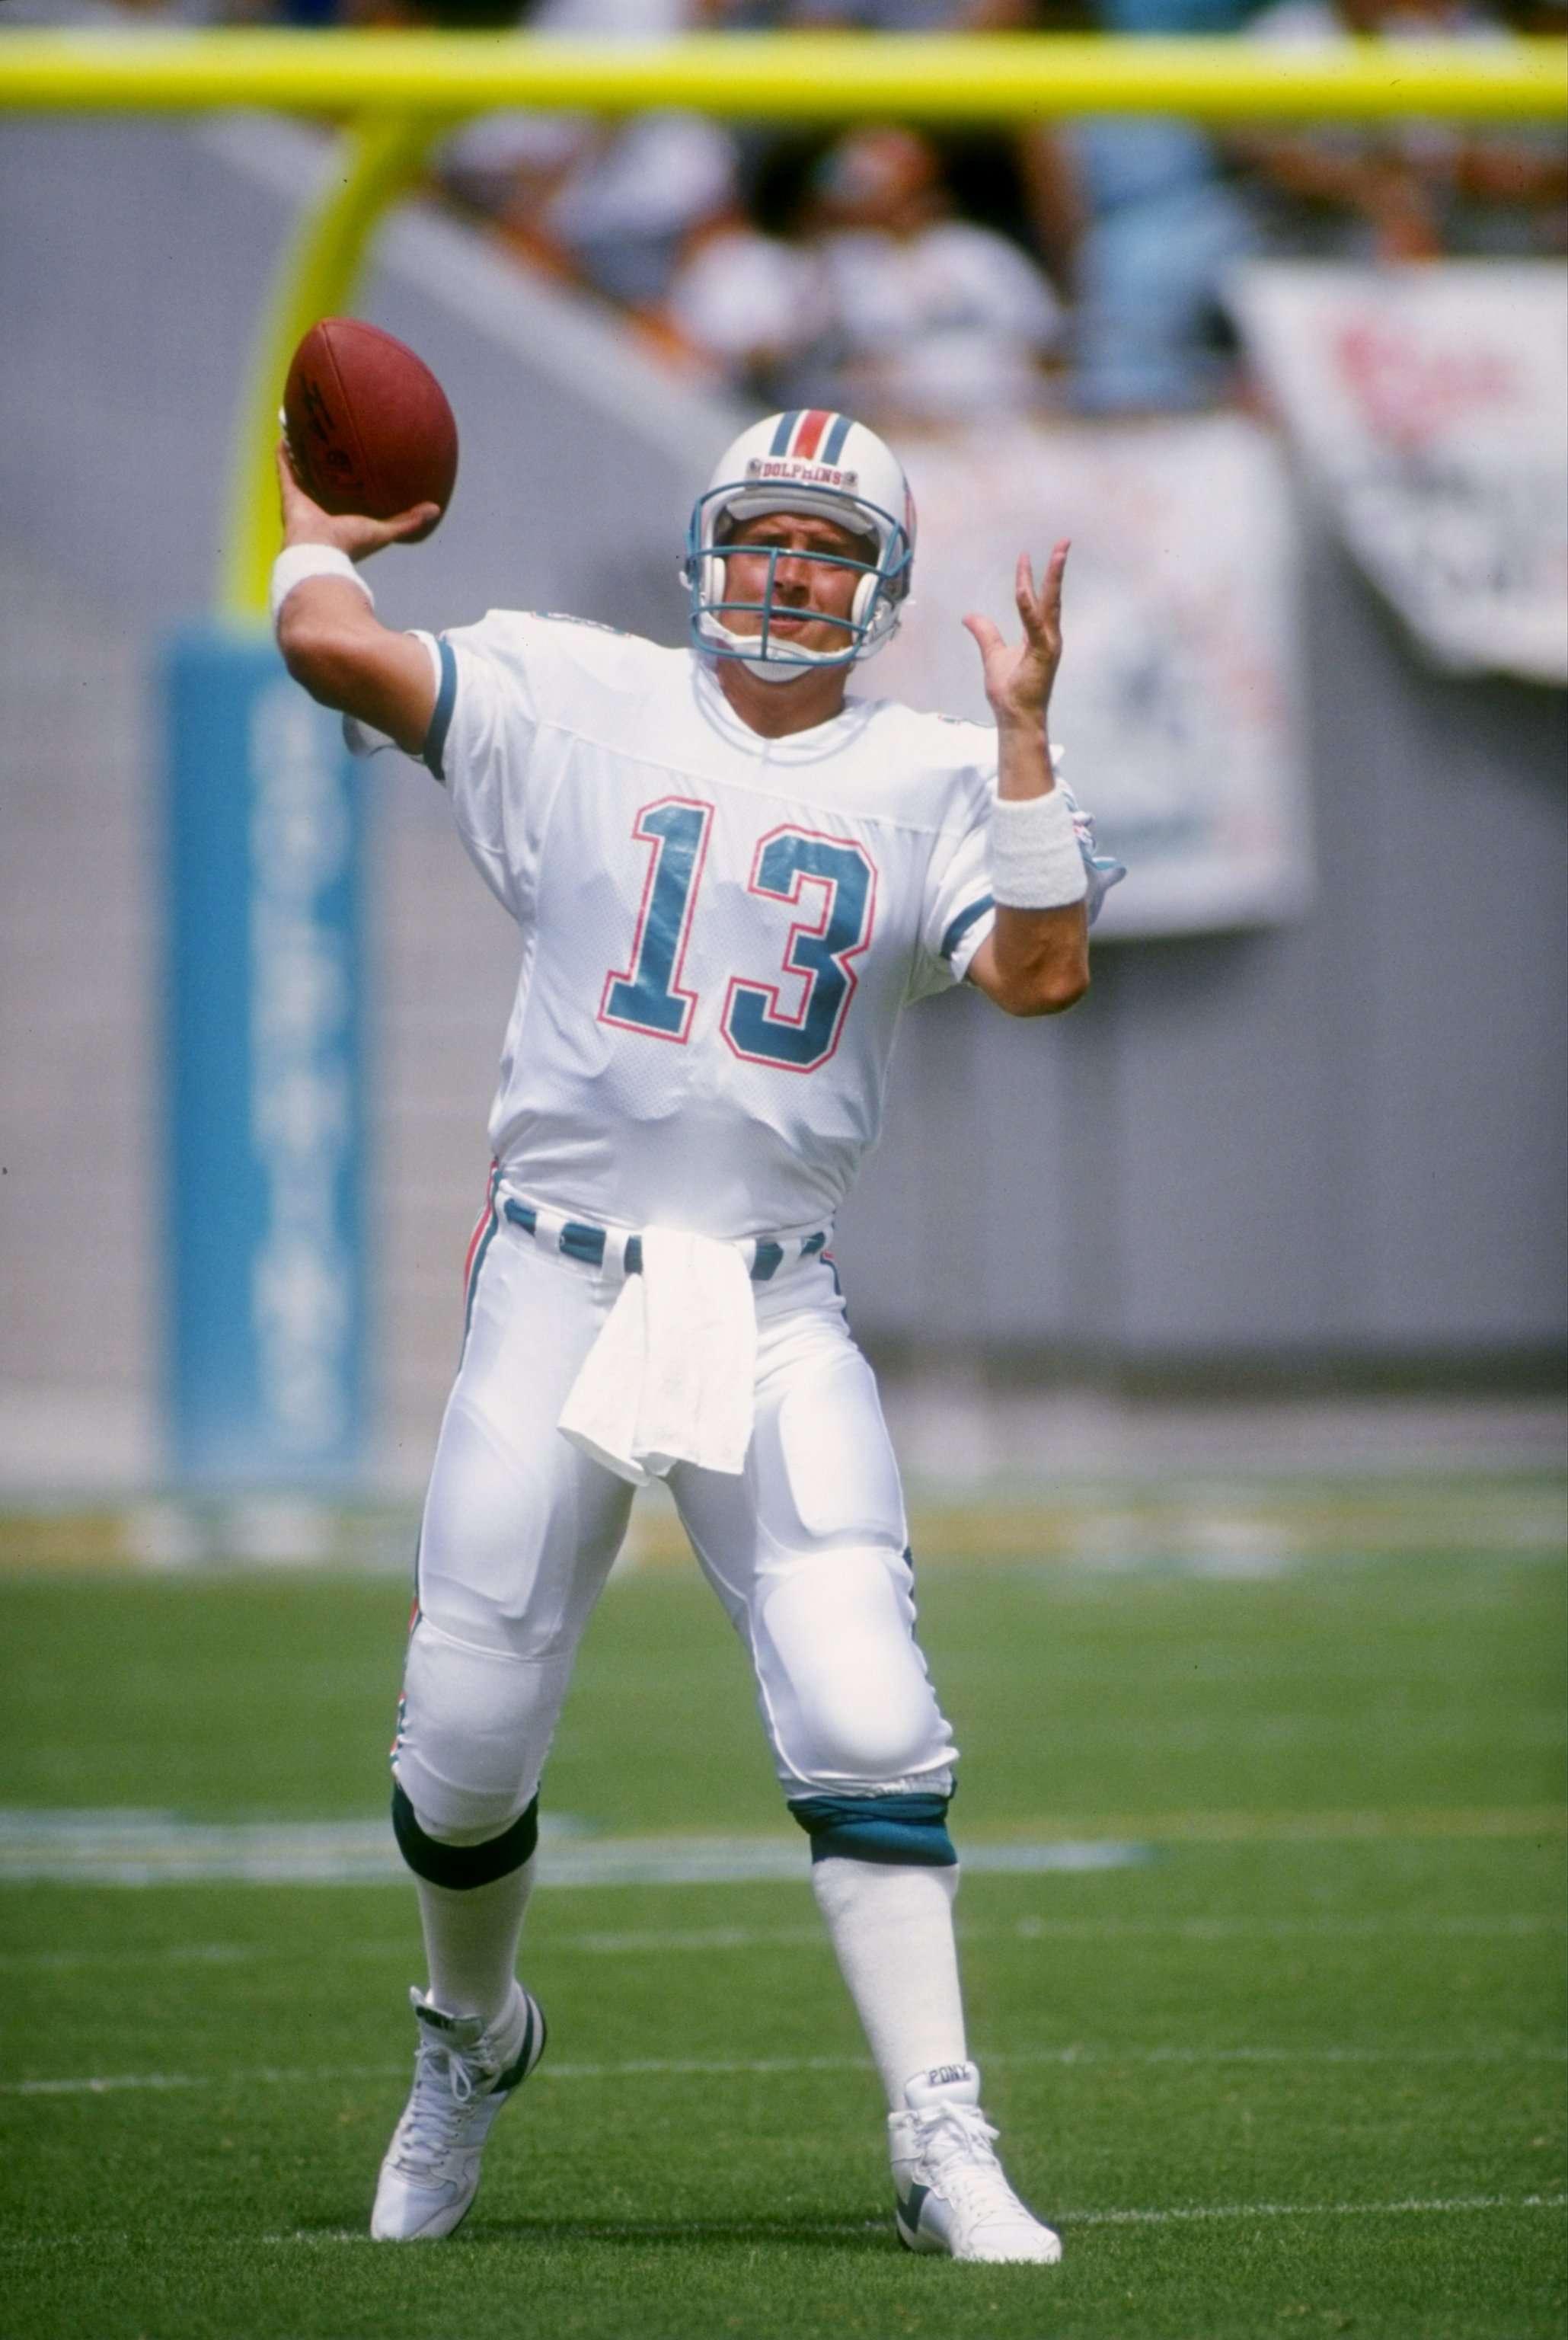 Dan Marino nació el 15 de septiembre de 1961 en Pittsburgh, Pennsylvania; jugó como mariscal de campo de los Miami Dolphins. Es poseedor de muchos records de la NFL en la categoría de pases, aunque sólo llegó a un Super Bowl en 1985 el cual perdió ante los San Francisco 49ers de Joe Montana. Es ampliamente reconocido como uno de los más grandes y prolíficos en la historia del deporte. Sus principales cualidades eran su poderoso brazo y una rapidez inigualable para desprenderse del balón. Foto: Getty Images y Archivo